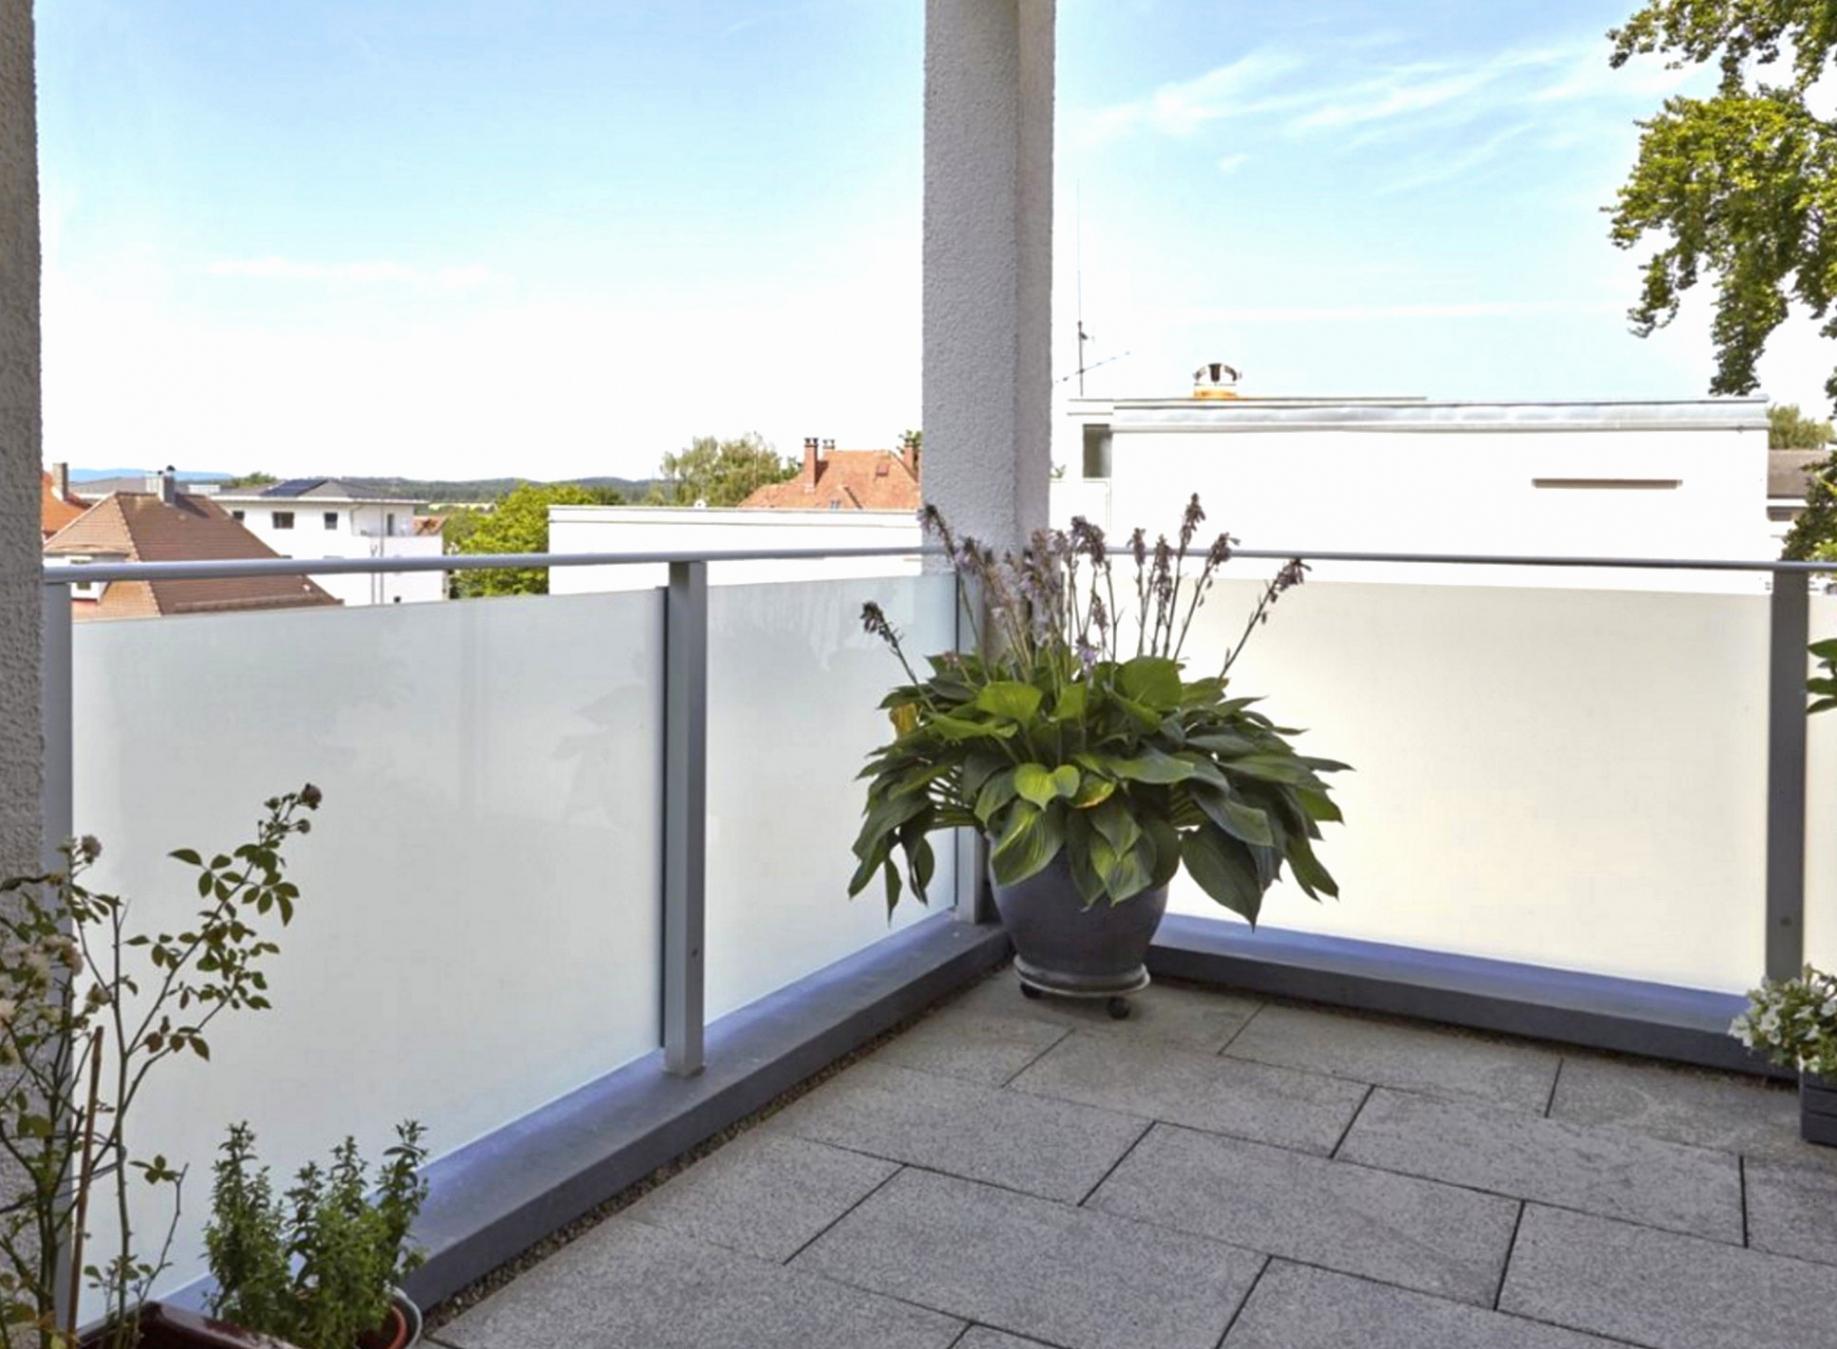 Gartendeko Aus Weide Selber Machen Luxus Gartendeko Selbst Machen — Temobardz Home Blog